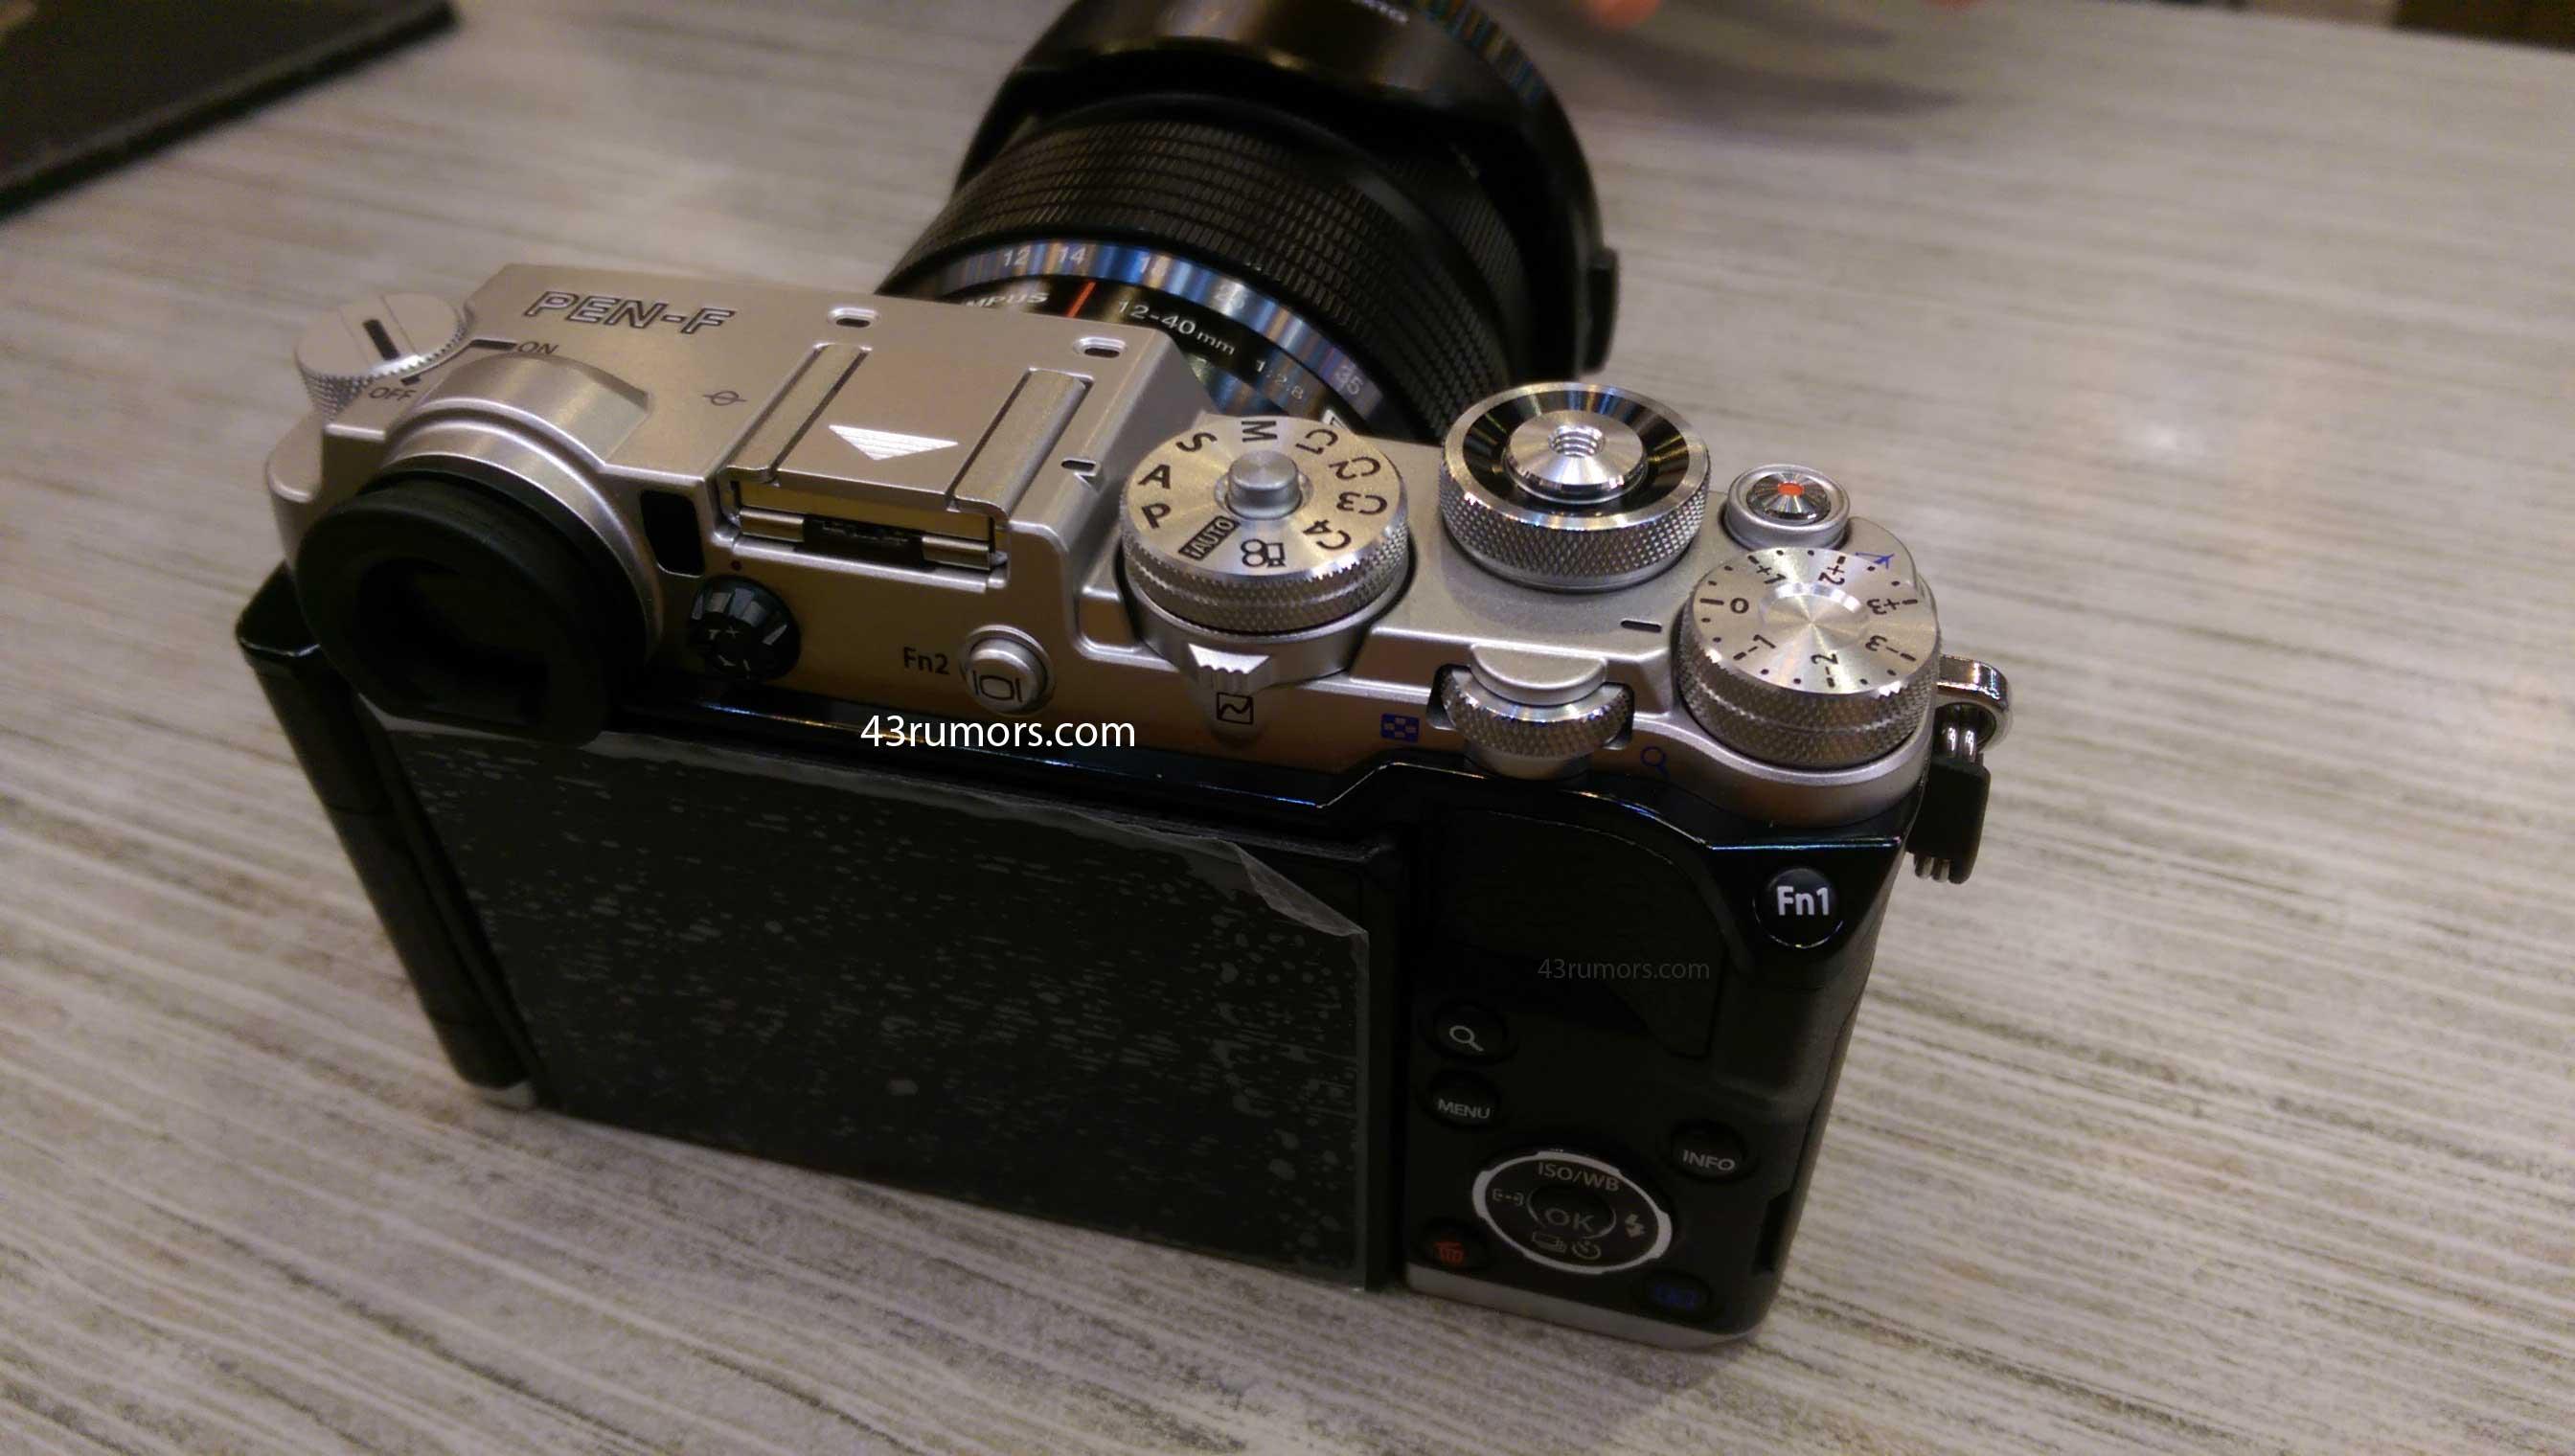 Thông tin chi tiết về chiếc máy Olympus Pen-F ra mắt trong 2 ngày nữa:cảm biến 20 Mpx, chụp 50 Mpx - 108914